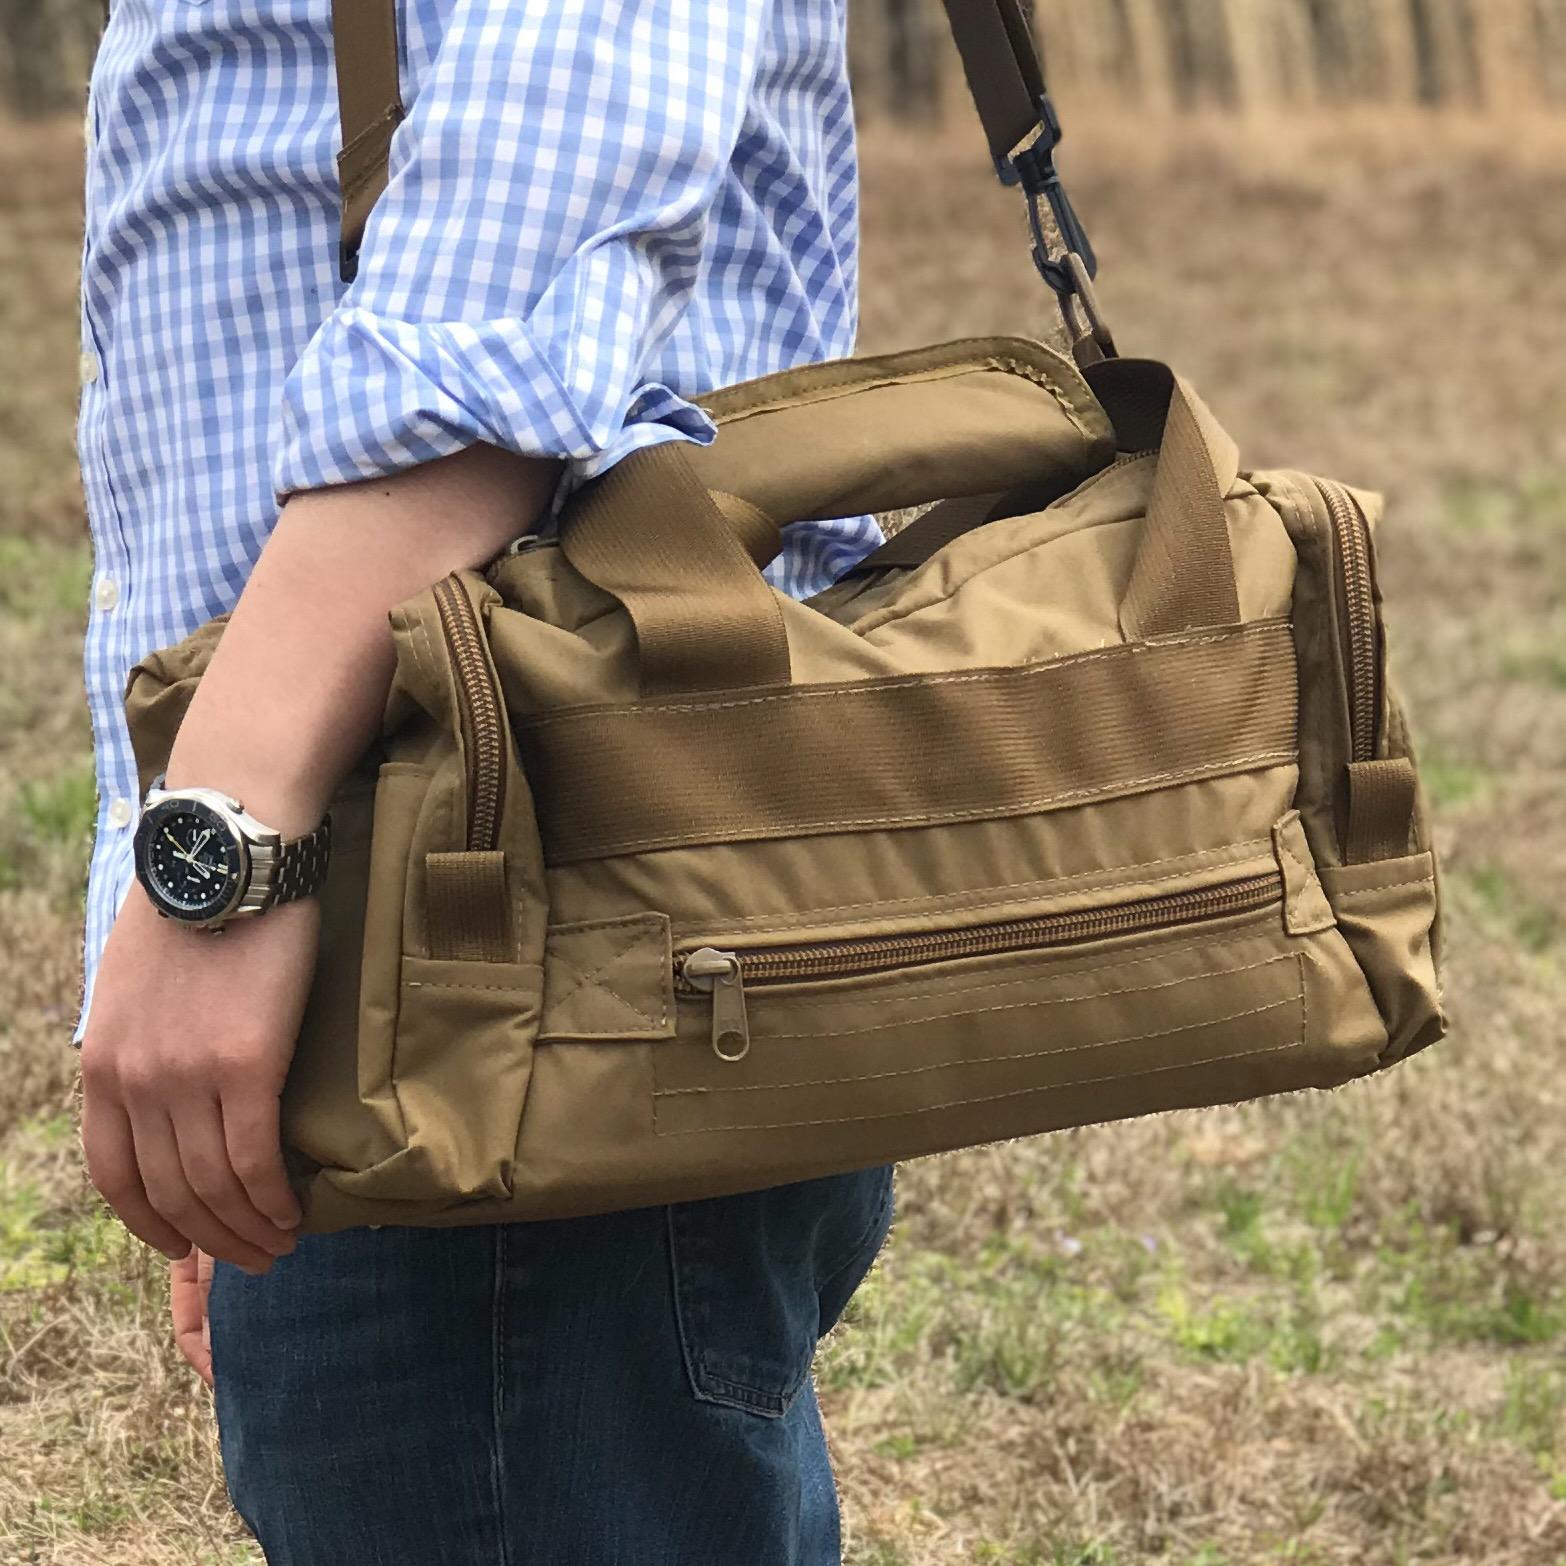 bf0585ec2869 Made in the USA Range Bag - Lynx Defense Pistol Range Bag